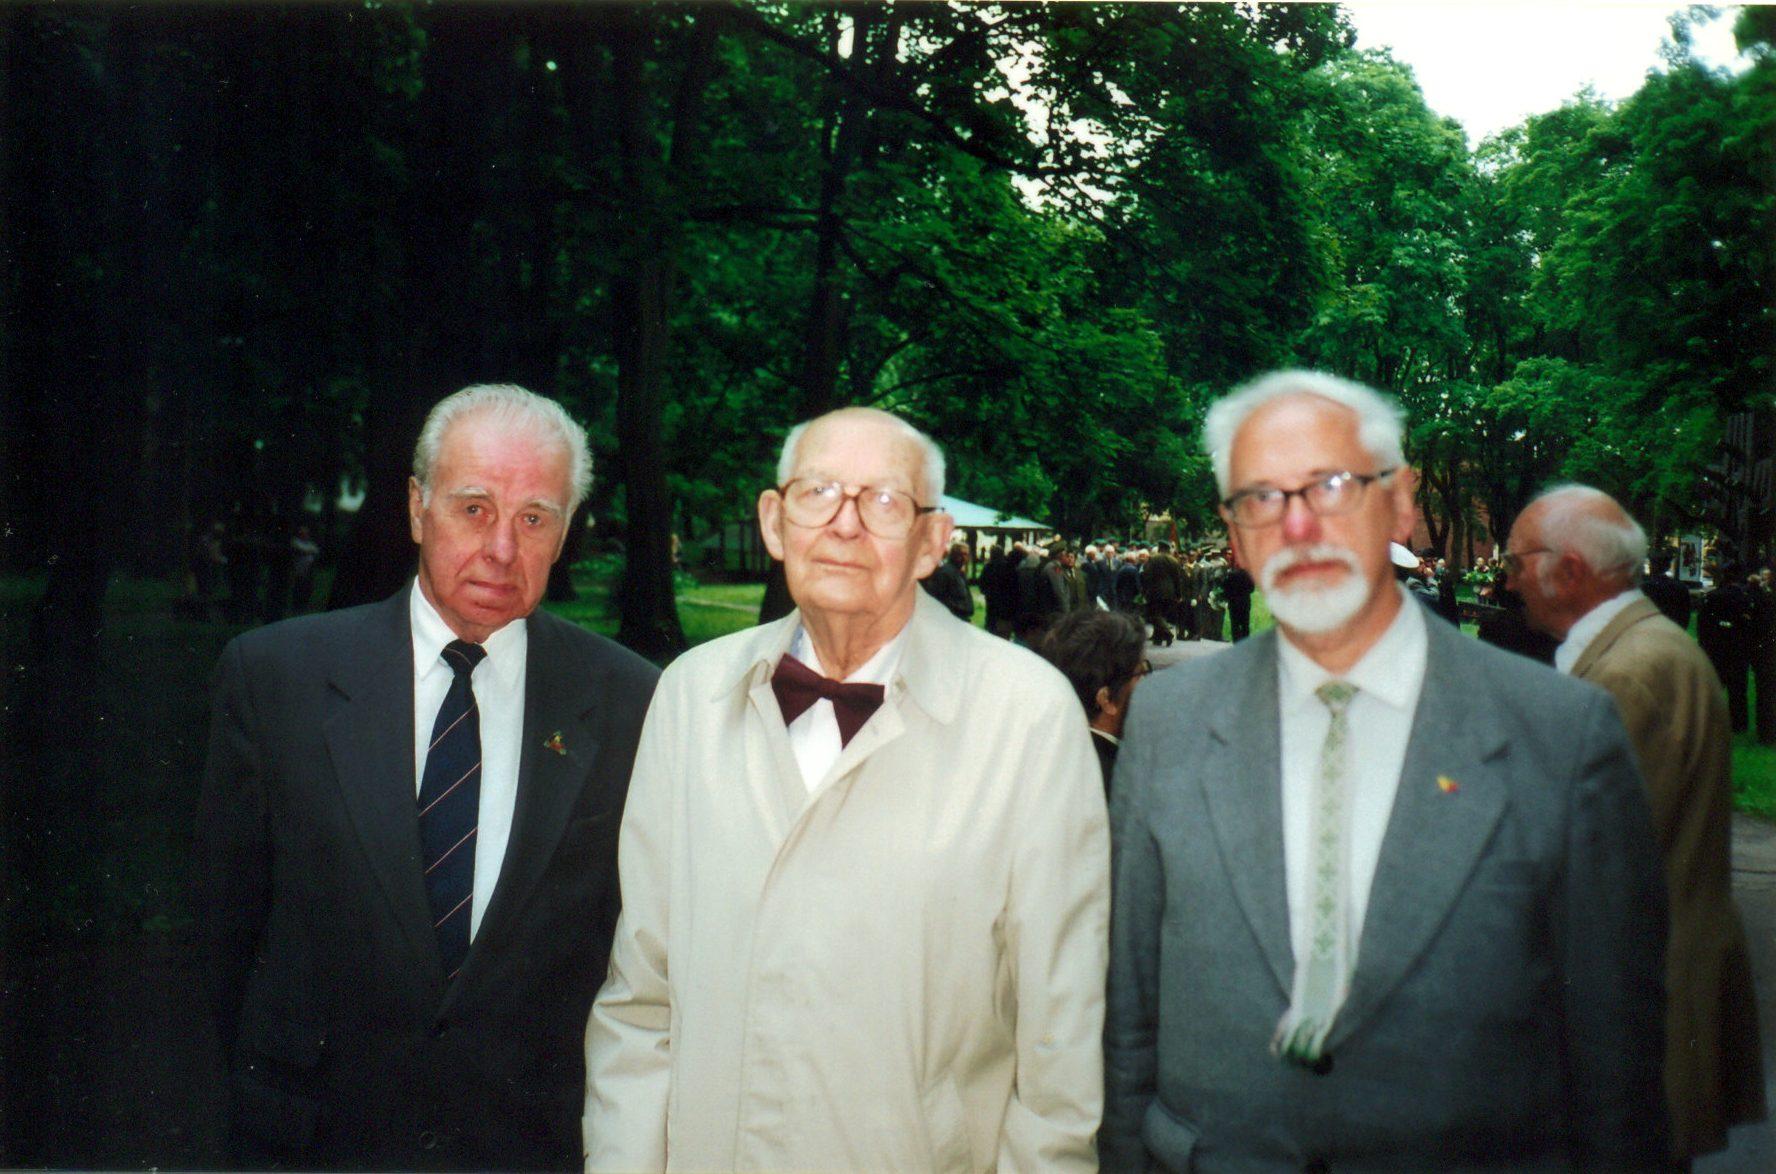 Birželio sukilimo vienas rengėjų ir vadovų, Lietuvos laikinosios vyriausybės pramonės ministras Dr. Adolfas Damušis (viduryje) su Lietuvos laisvės kovos sąjūdžio štabo viršininku Vytautu Balsiu ir jo pavaduotoju Zigmu Tamakausku Kauno senosiose kapinėse 2001 metais, minint Birželio sukilimo 60-tąsias metines | Z. Tamakausko nuotr.